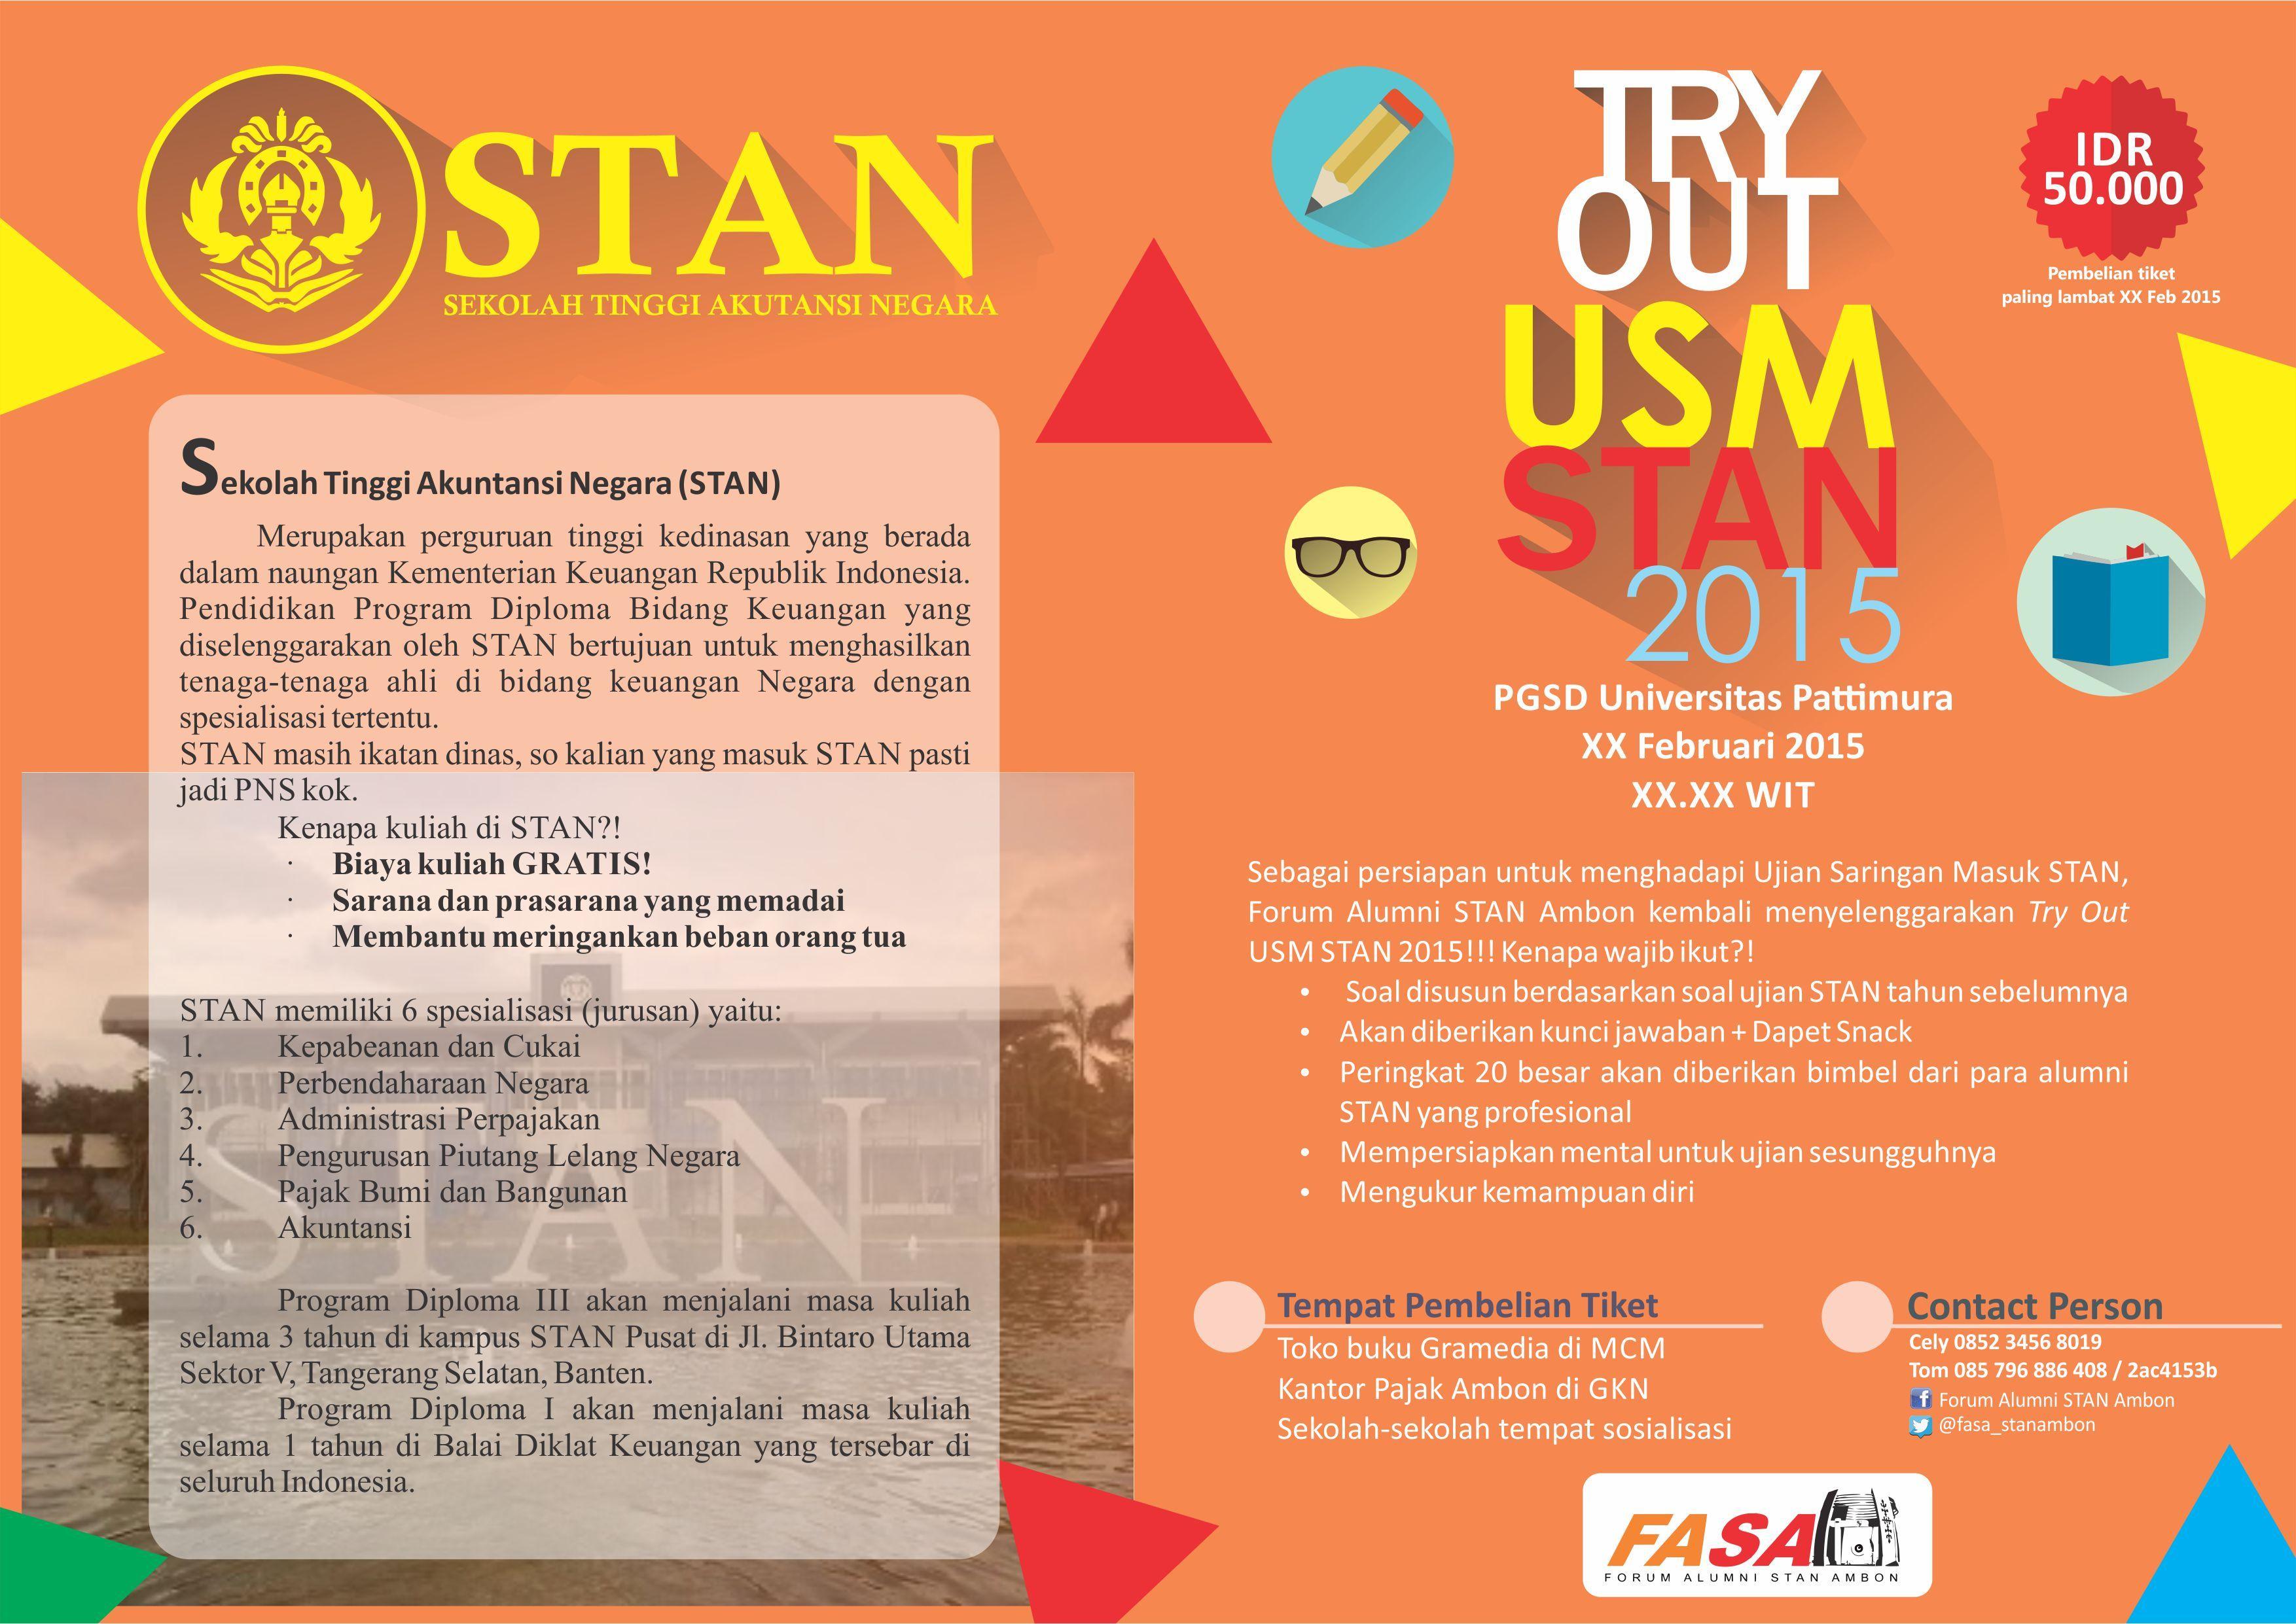 Brochure Template For Stan Pendidikan Guru Keuangan